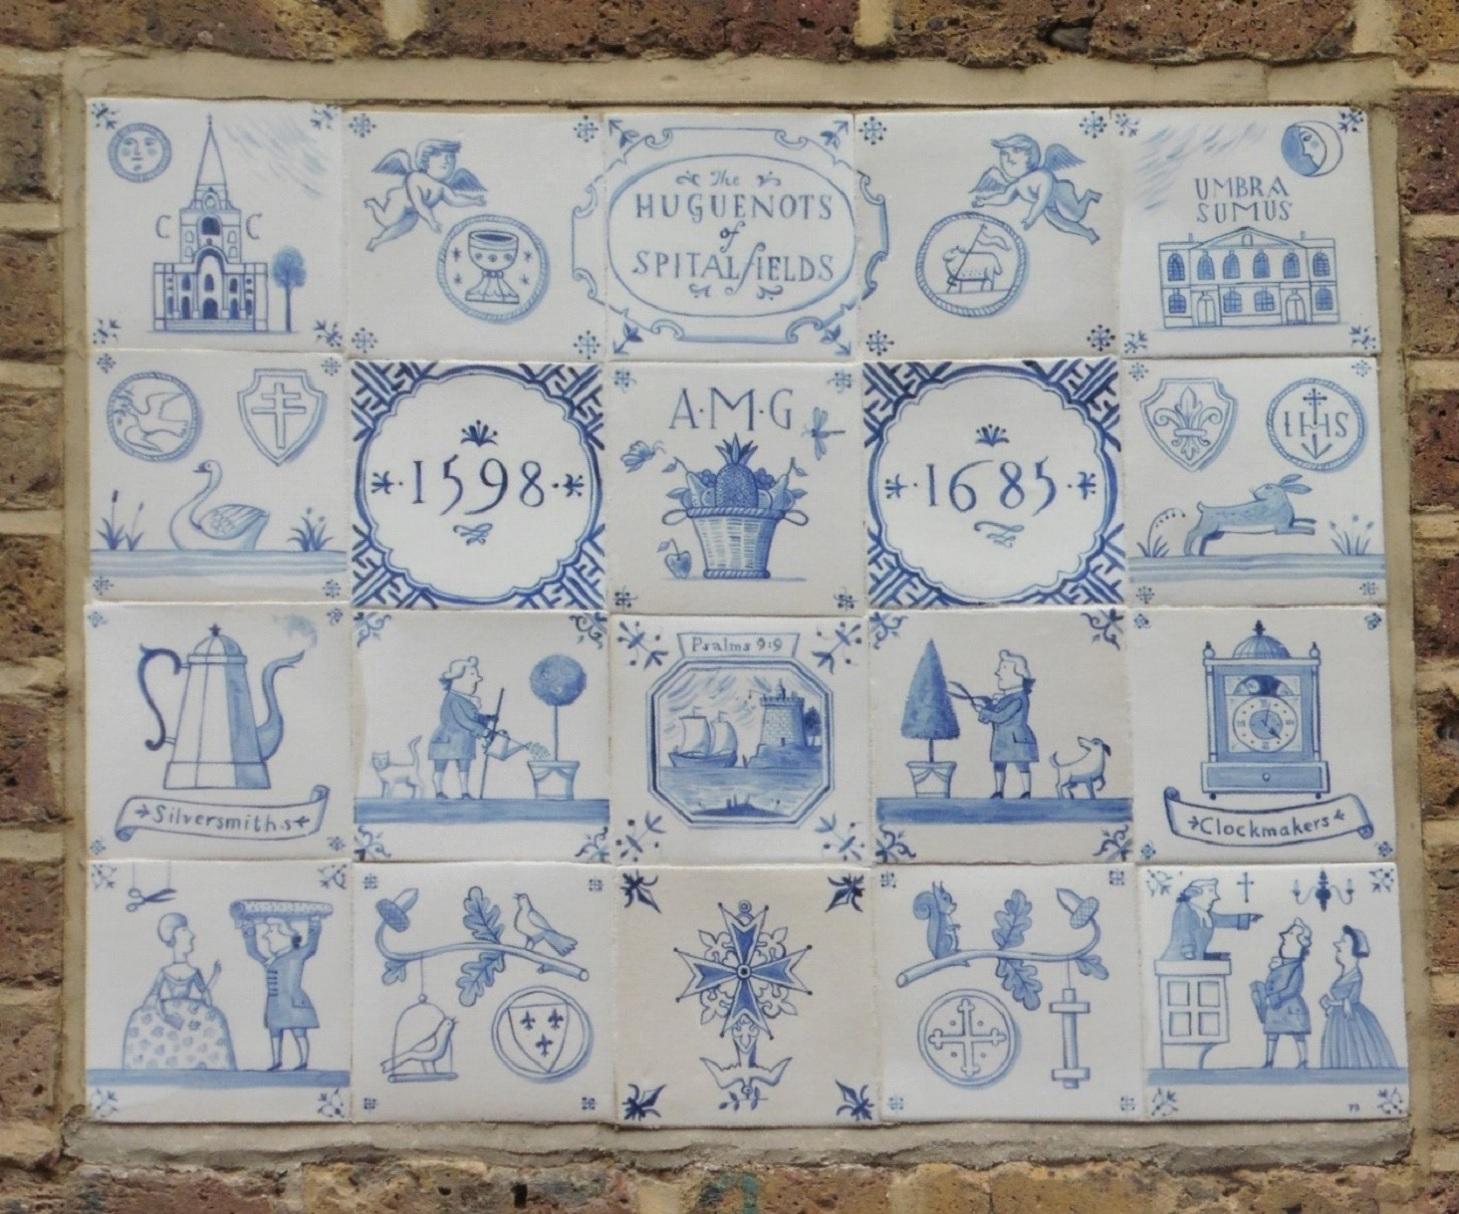 assemblage de carreaux représentant les activités des huguenots de Spitalfields